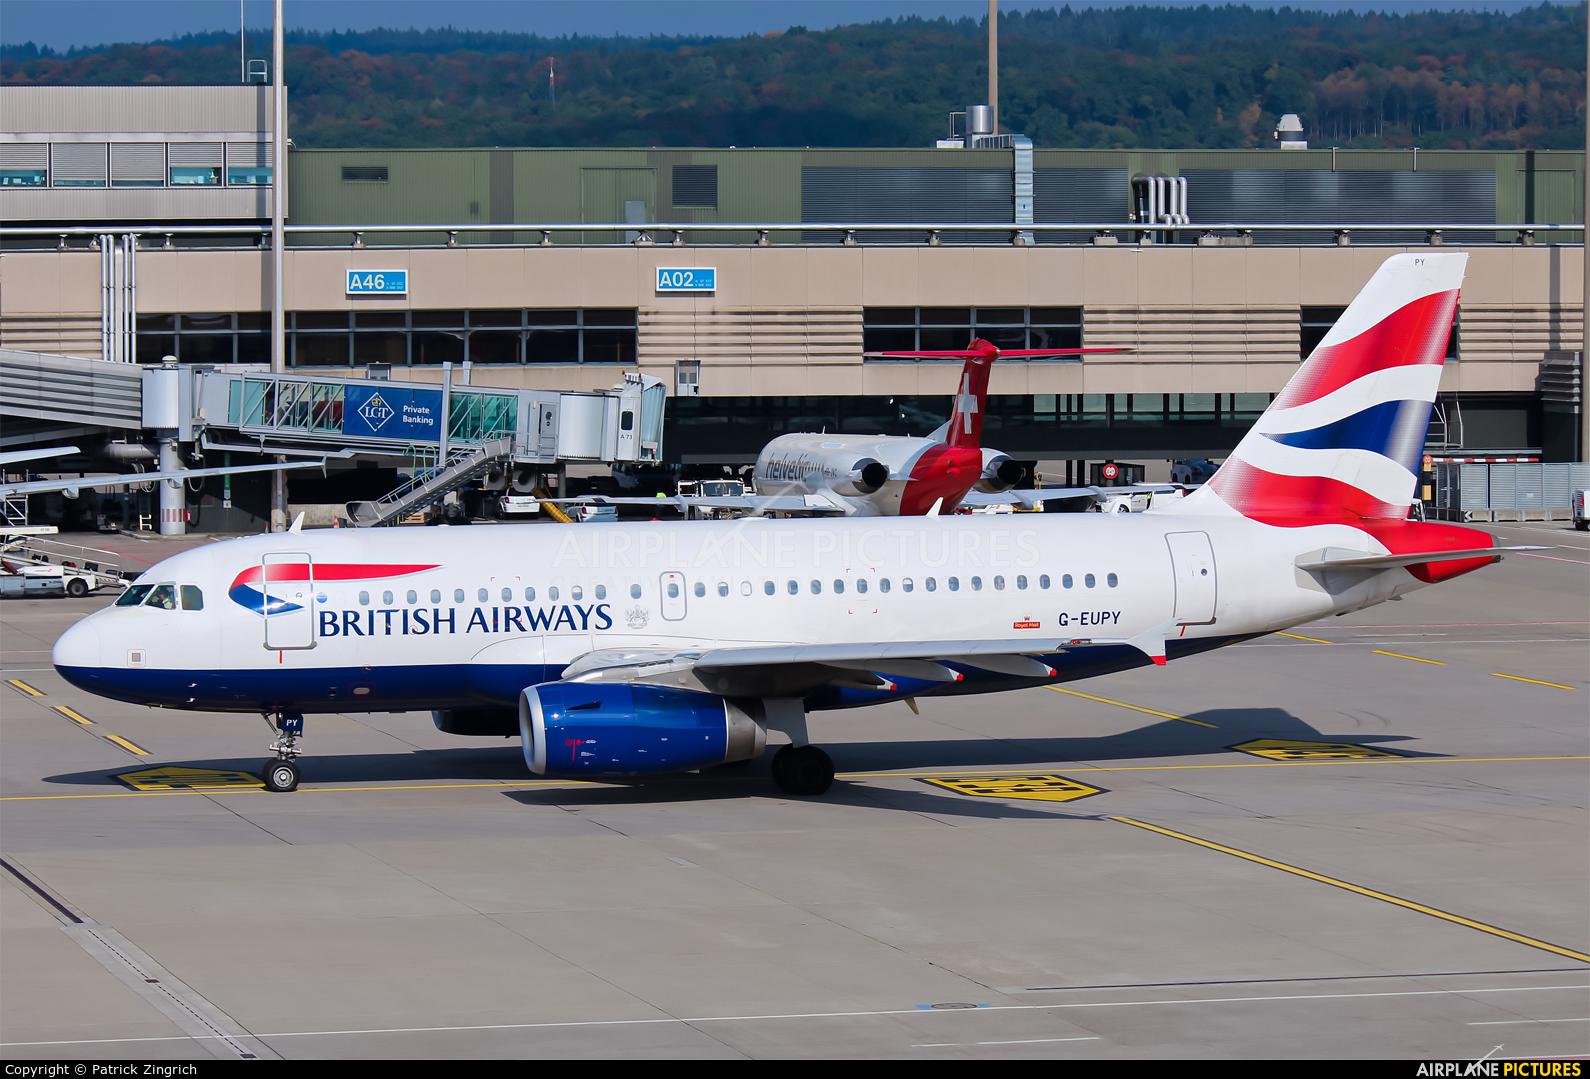 British Airways G-EUPY aircraft at Zurich